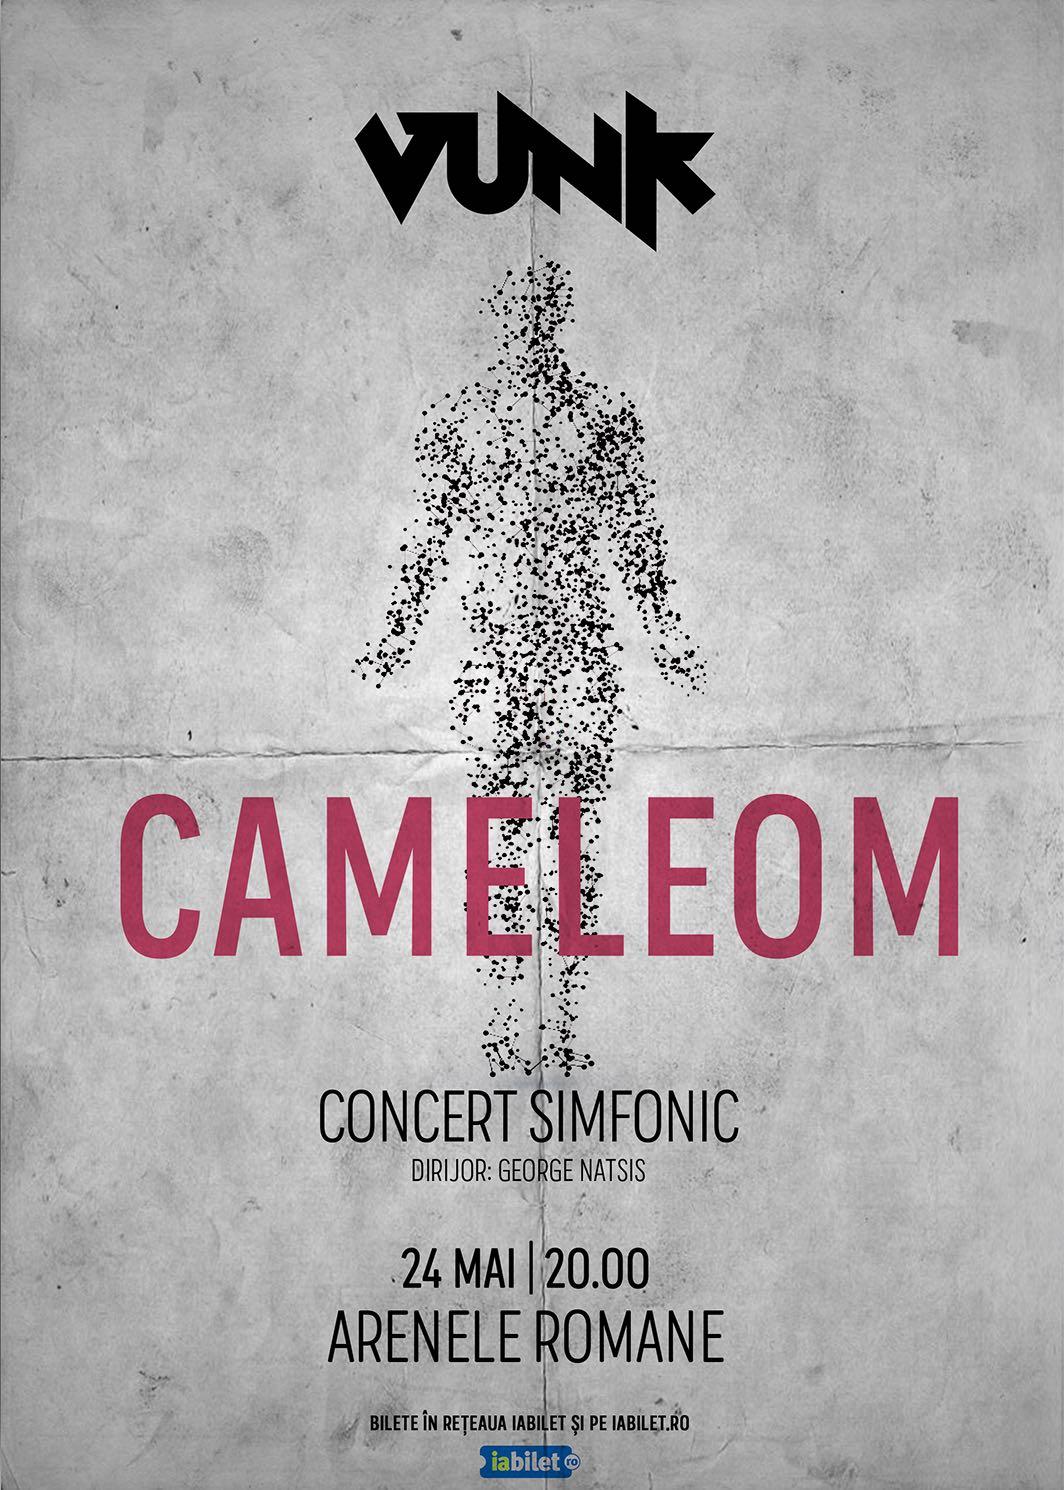 Trupa VUNK a descoperit o noua specie de om: CAMELEOM!